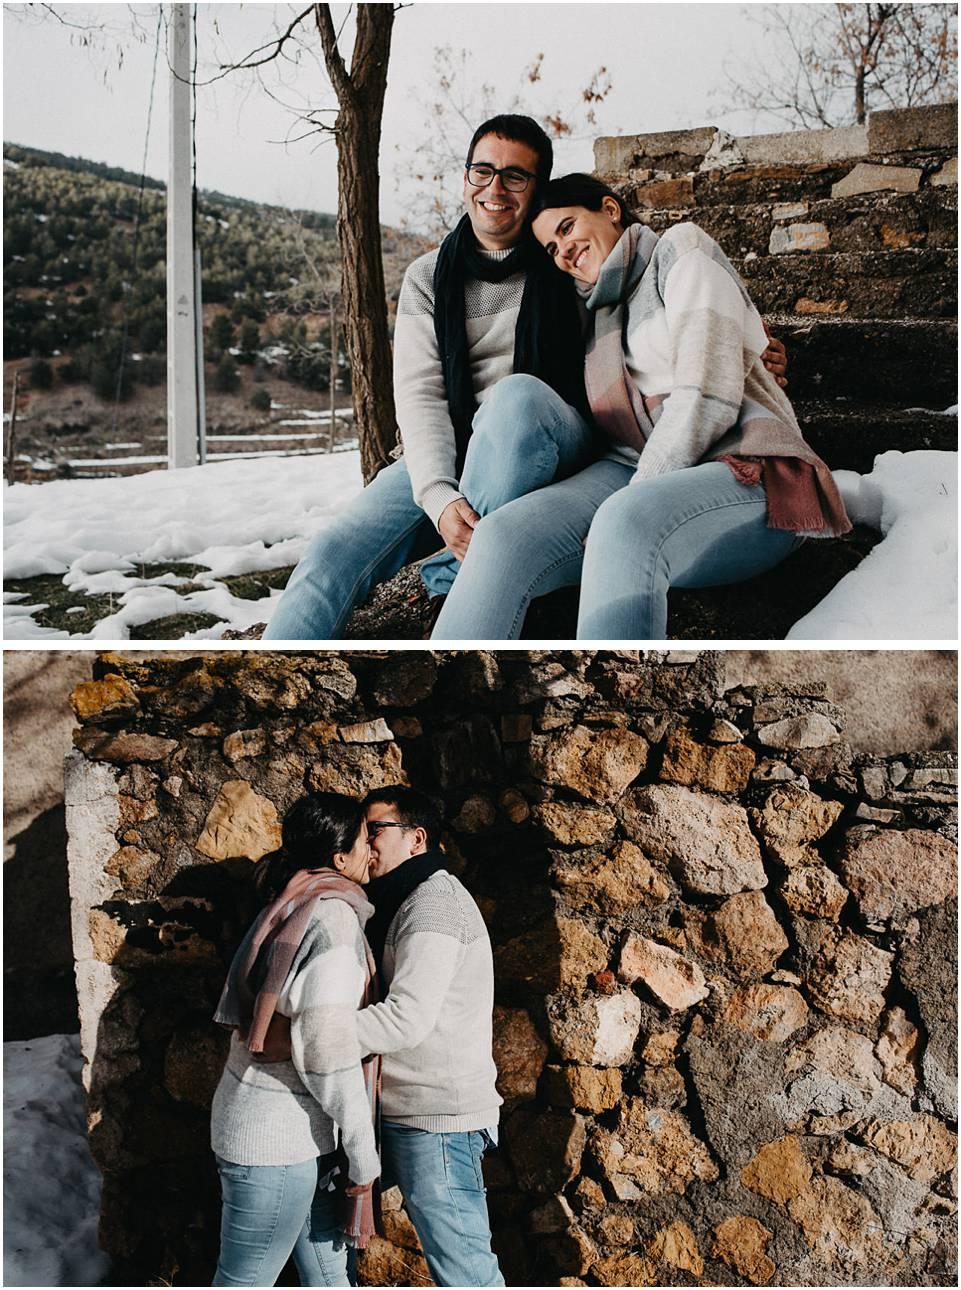 parejas en la nieve